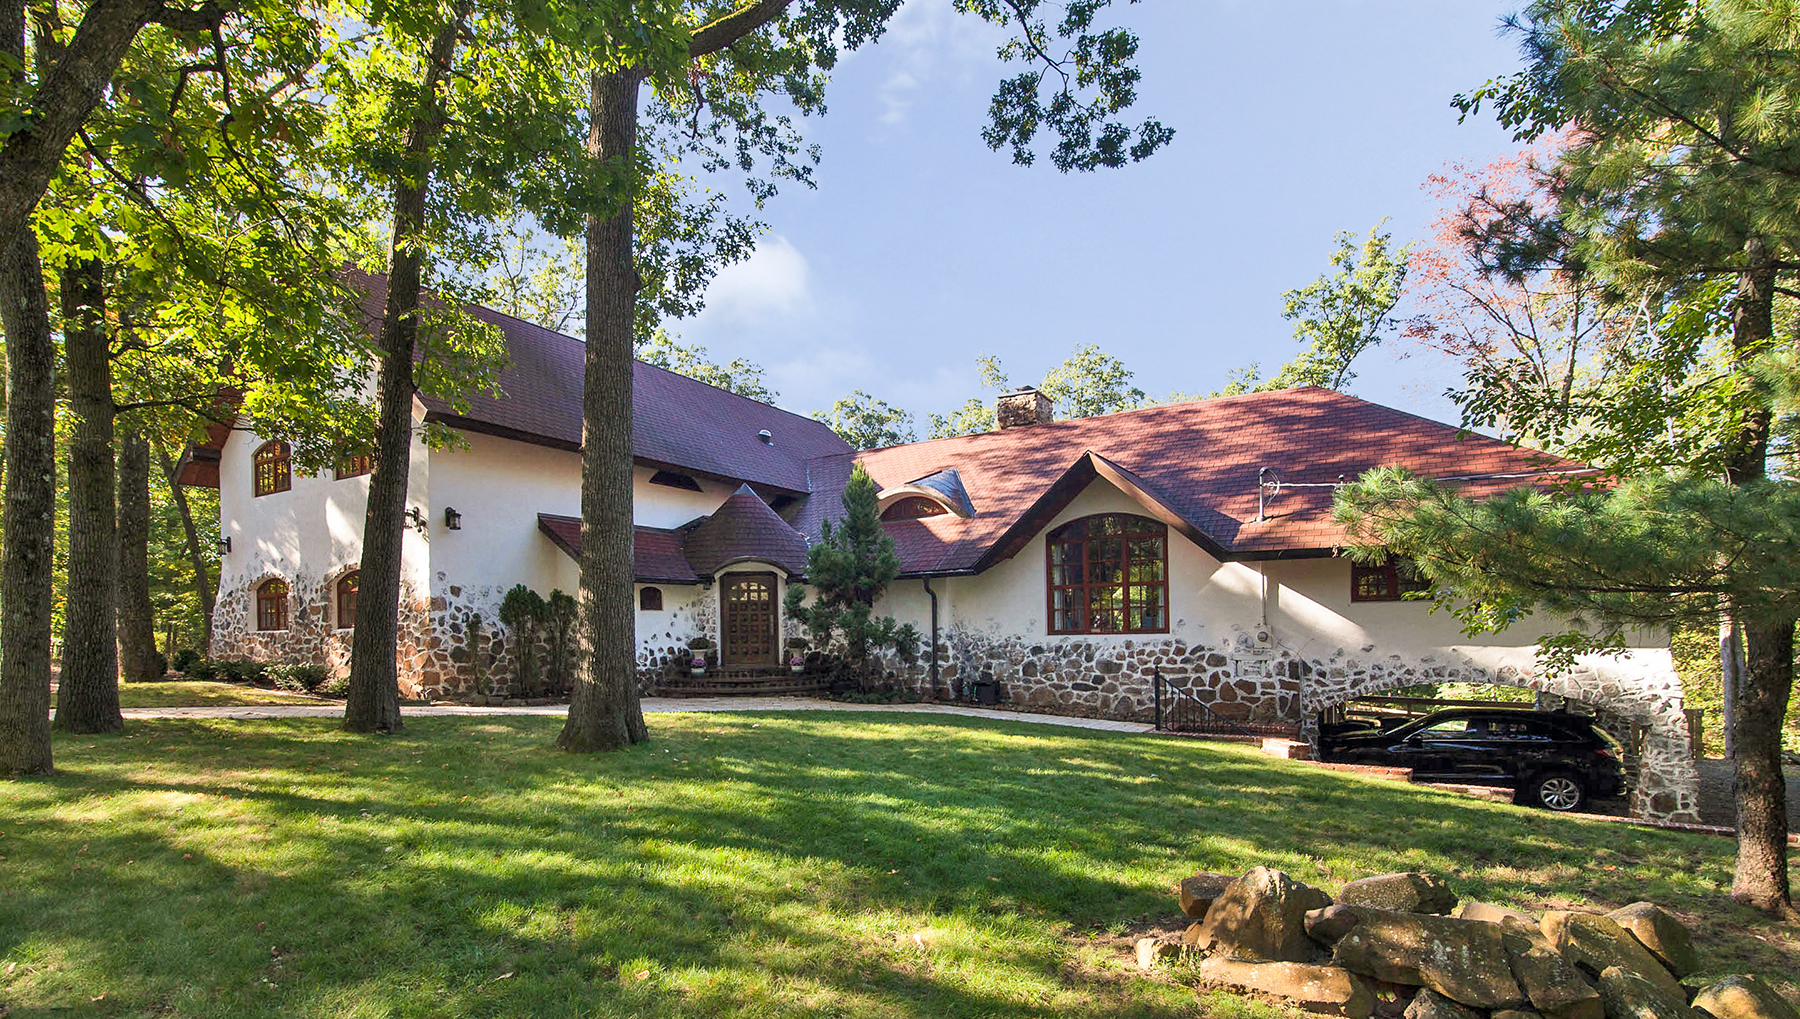 Частный односемейный дом для того Продажа на Nestled atop the Watchung Mountains 35 Crestwood Drive Watchung, 07069 Соединенные Штаты